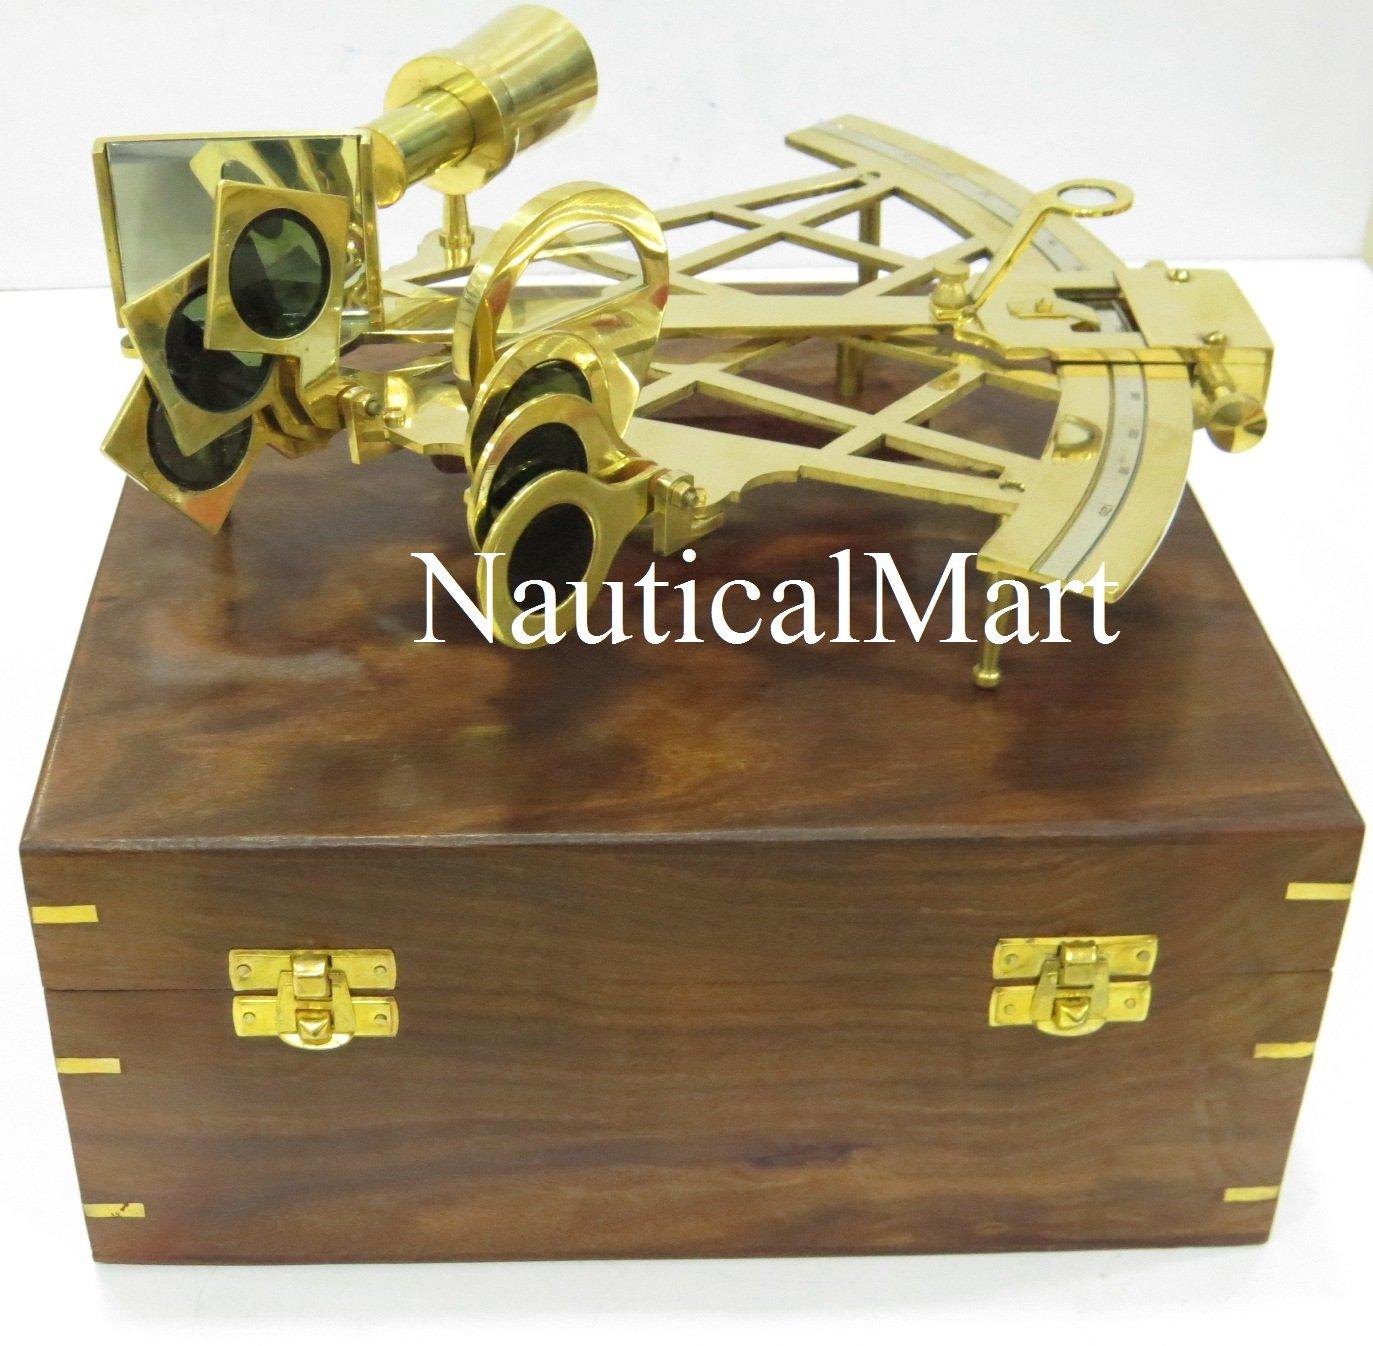 Nauticalmart sestante in ottone 25, 4cm con scatola di legno NauticalMart Inc